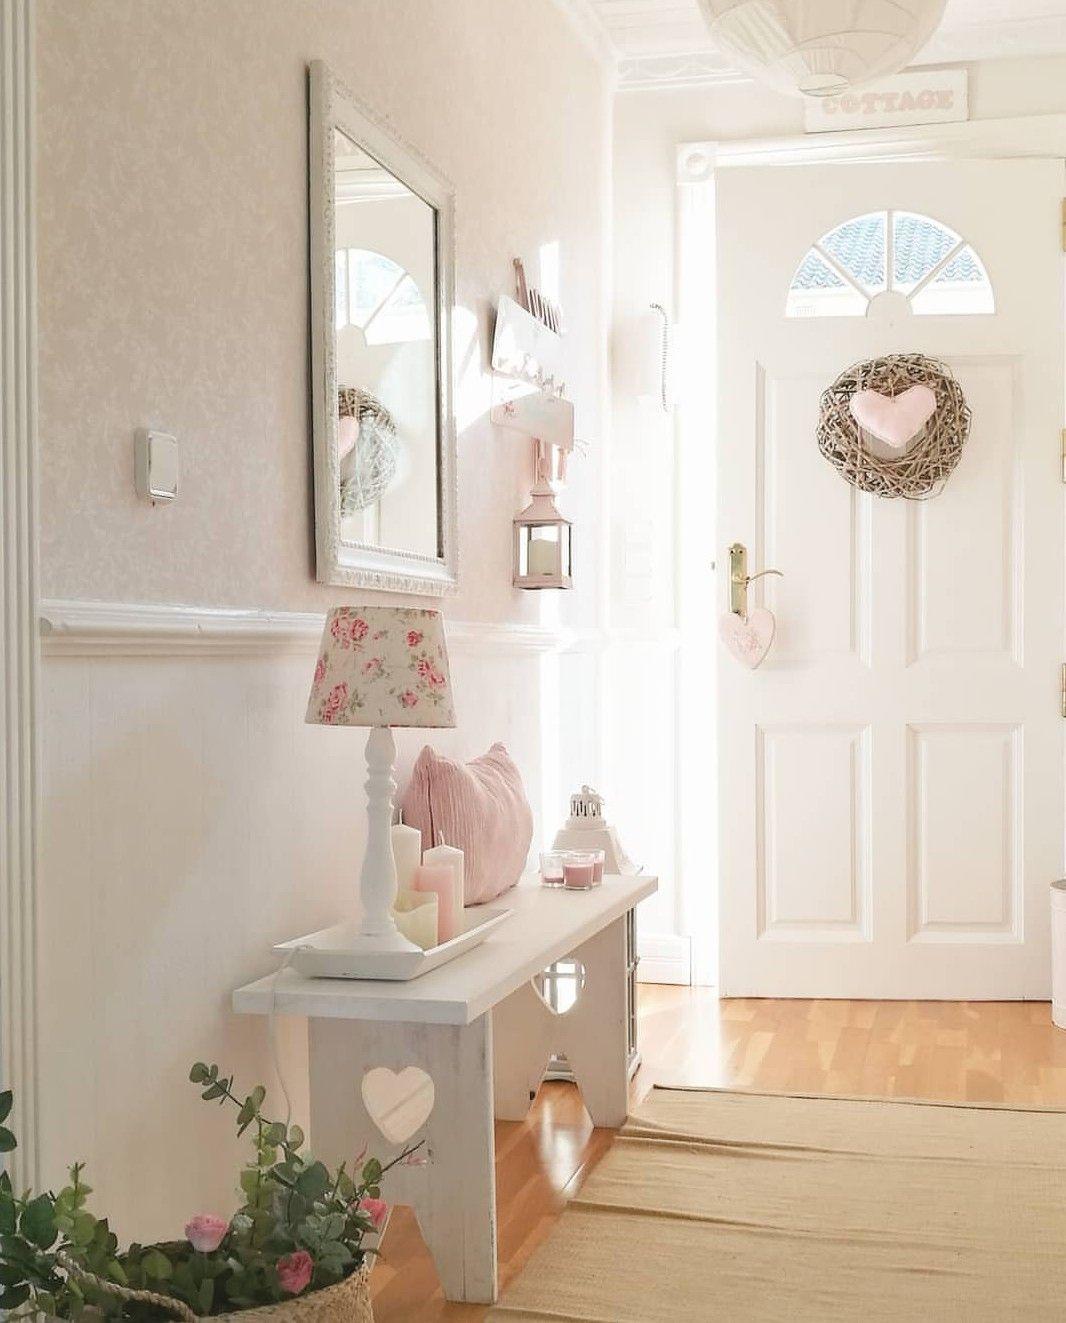 pin von roselynn rea auf home decor pinterest haus flure und zuhause. Black Bedroom Furniture Sets. Home Design Ideas